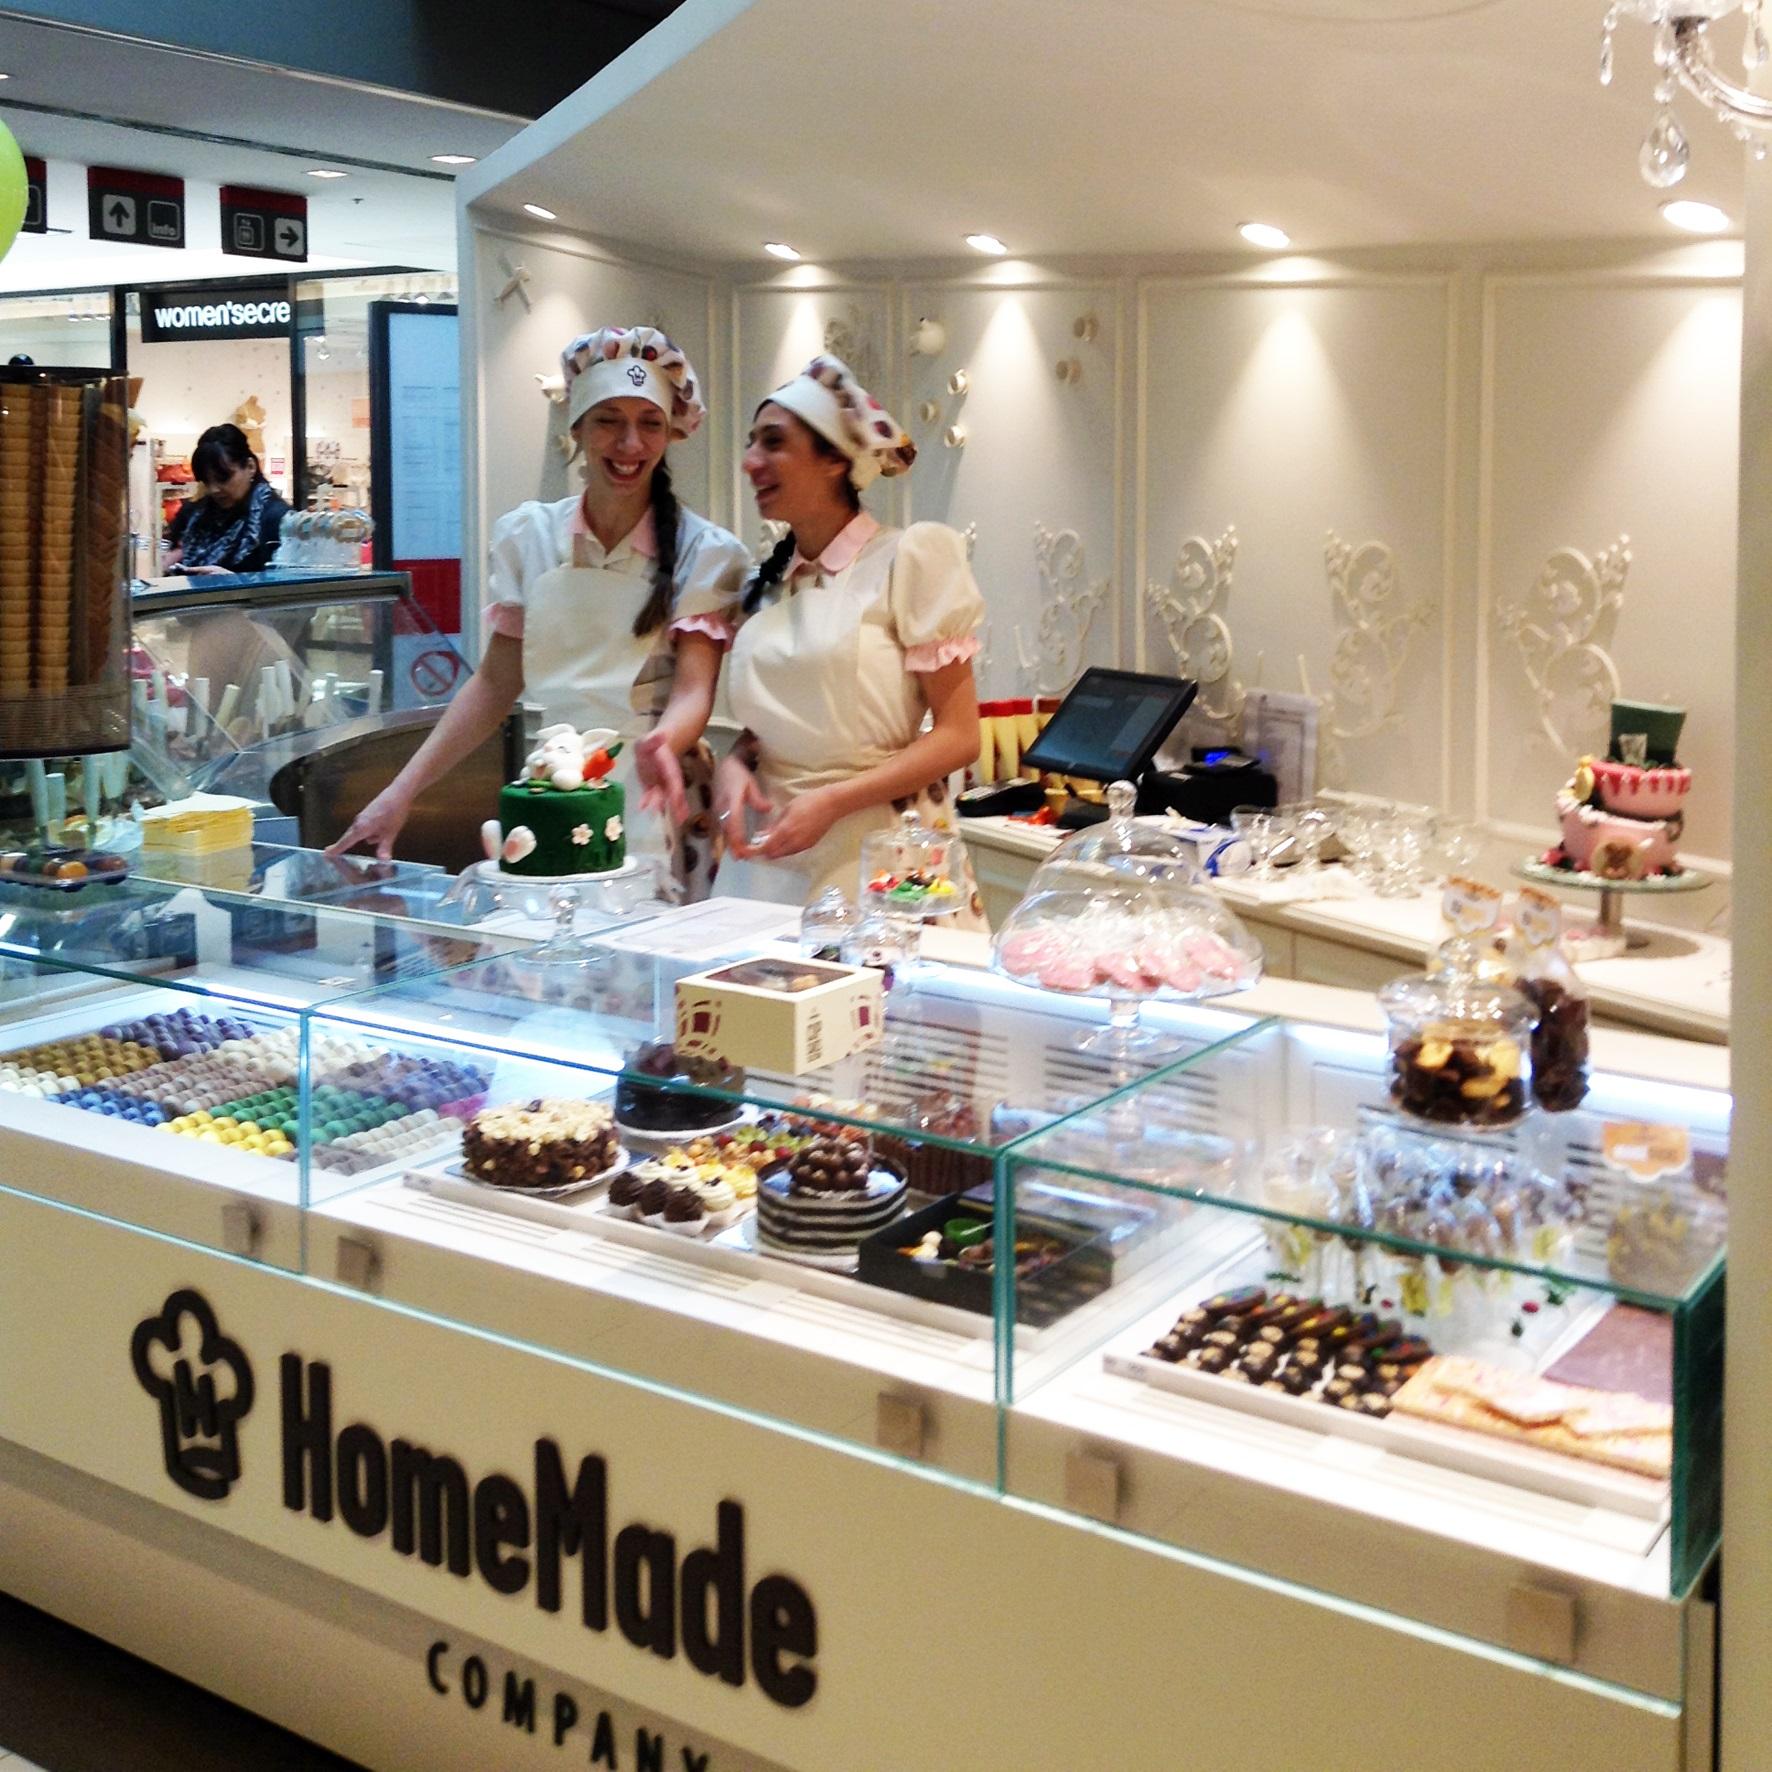 HomeMade prodavnica 03 Preporuka za ovo leto: Sladoledi Home Made Company